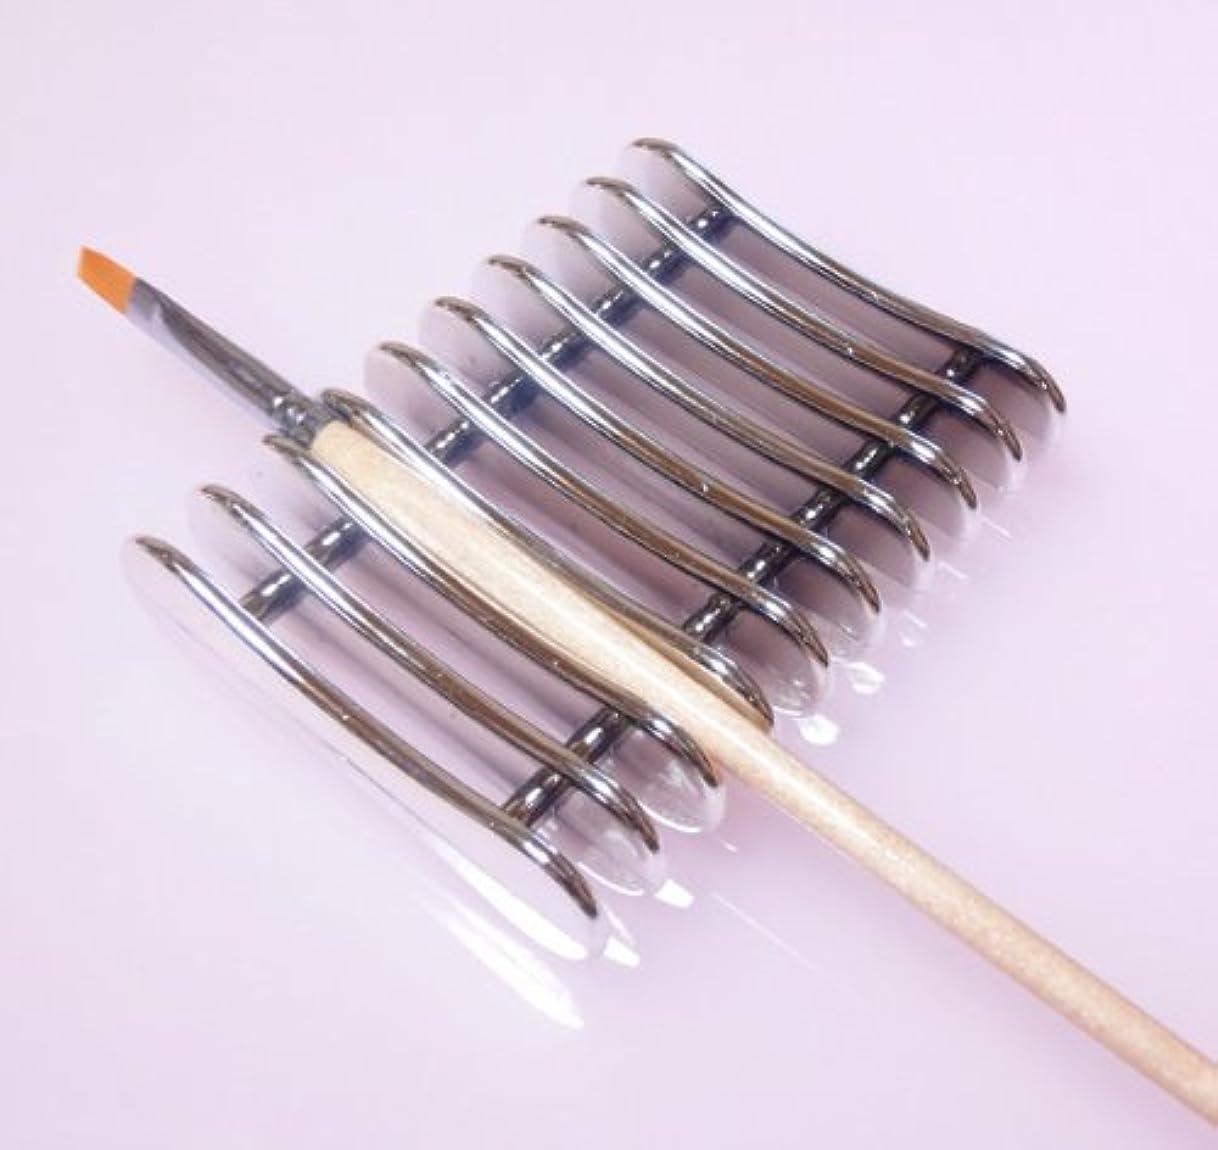 以来リットルかごネイルブラシホルダー ブラシスタンド ジェルネイル筆置き ネイル用品